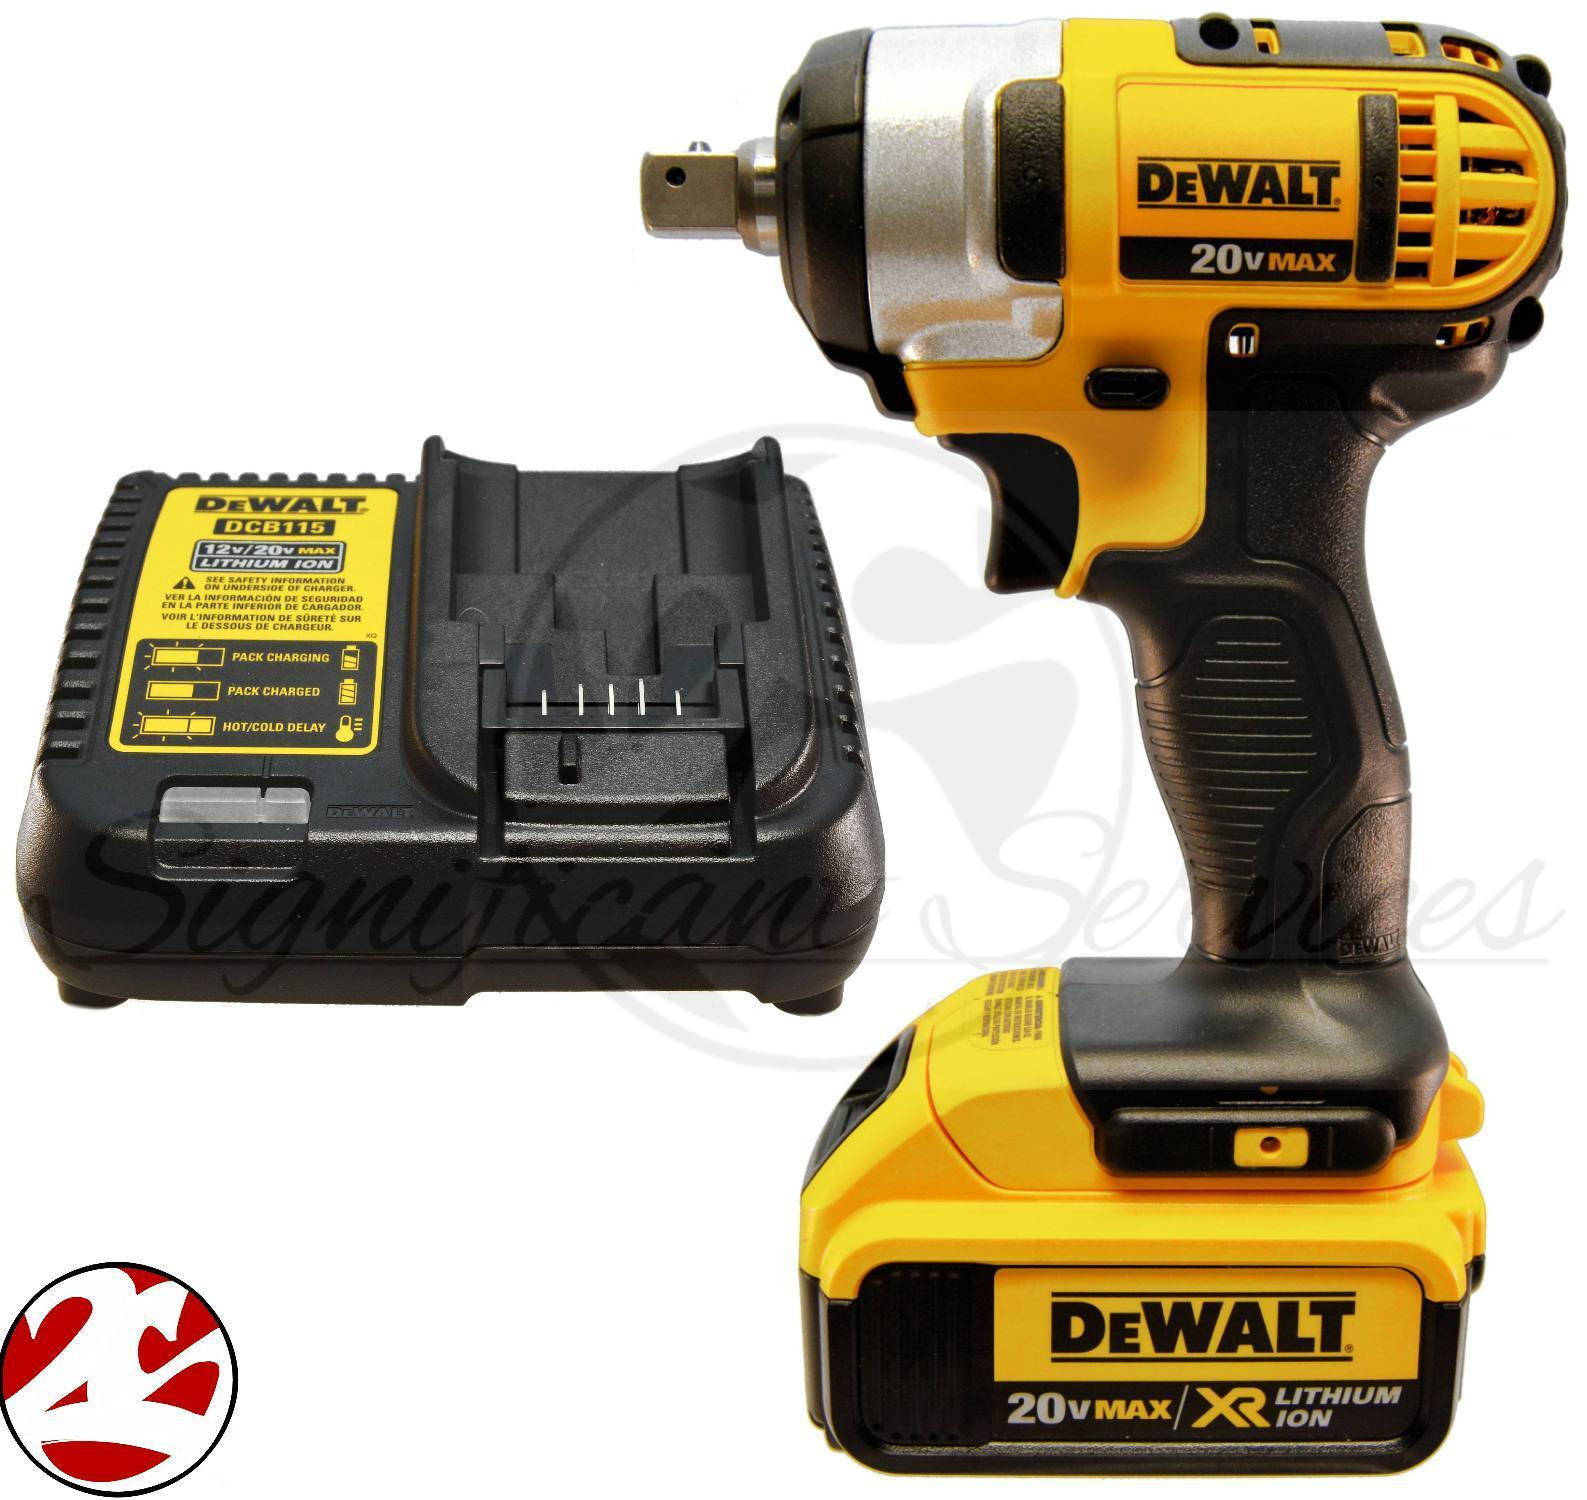 NEW DeWALT DCF880 DCF880B 20V 20 Volt MAX Cordless Drill 1/2